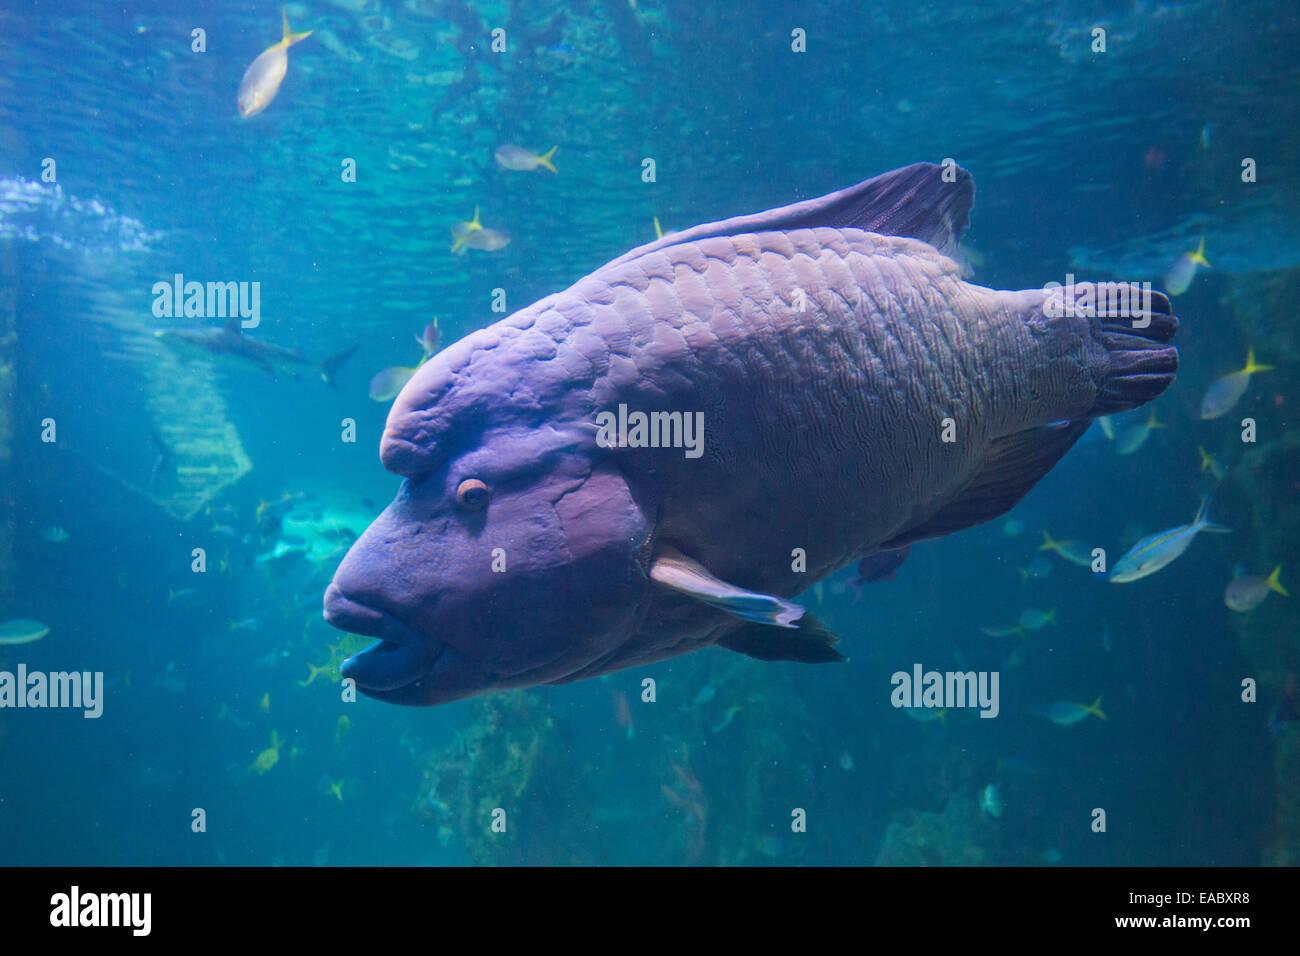 Great Barrier Reef aquarium in the Sydney Sea Life Aquarium, Darling Harbour, Sydney, Australia - Stock Image